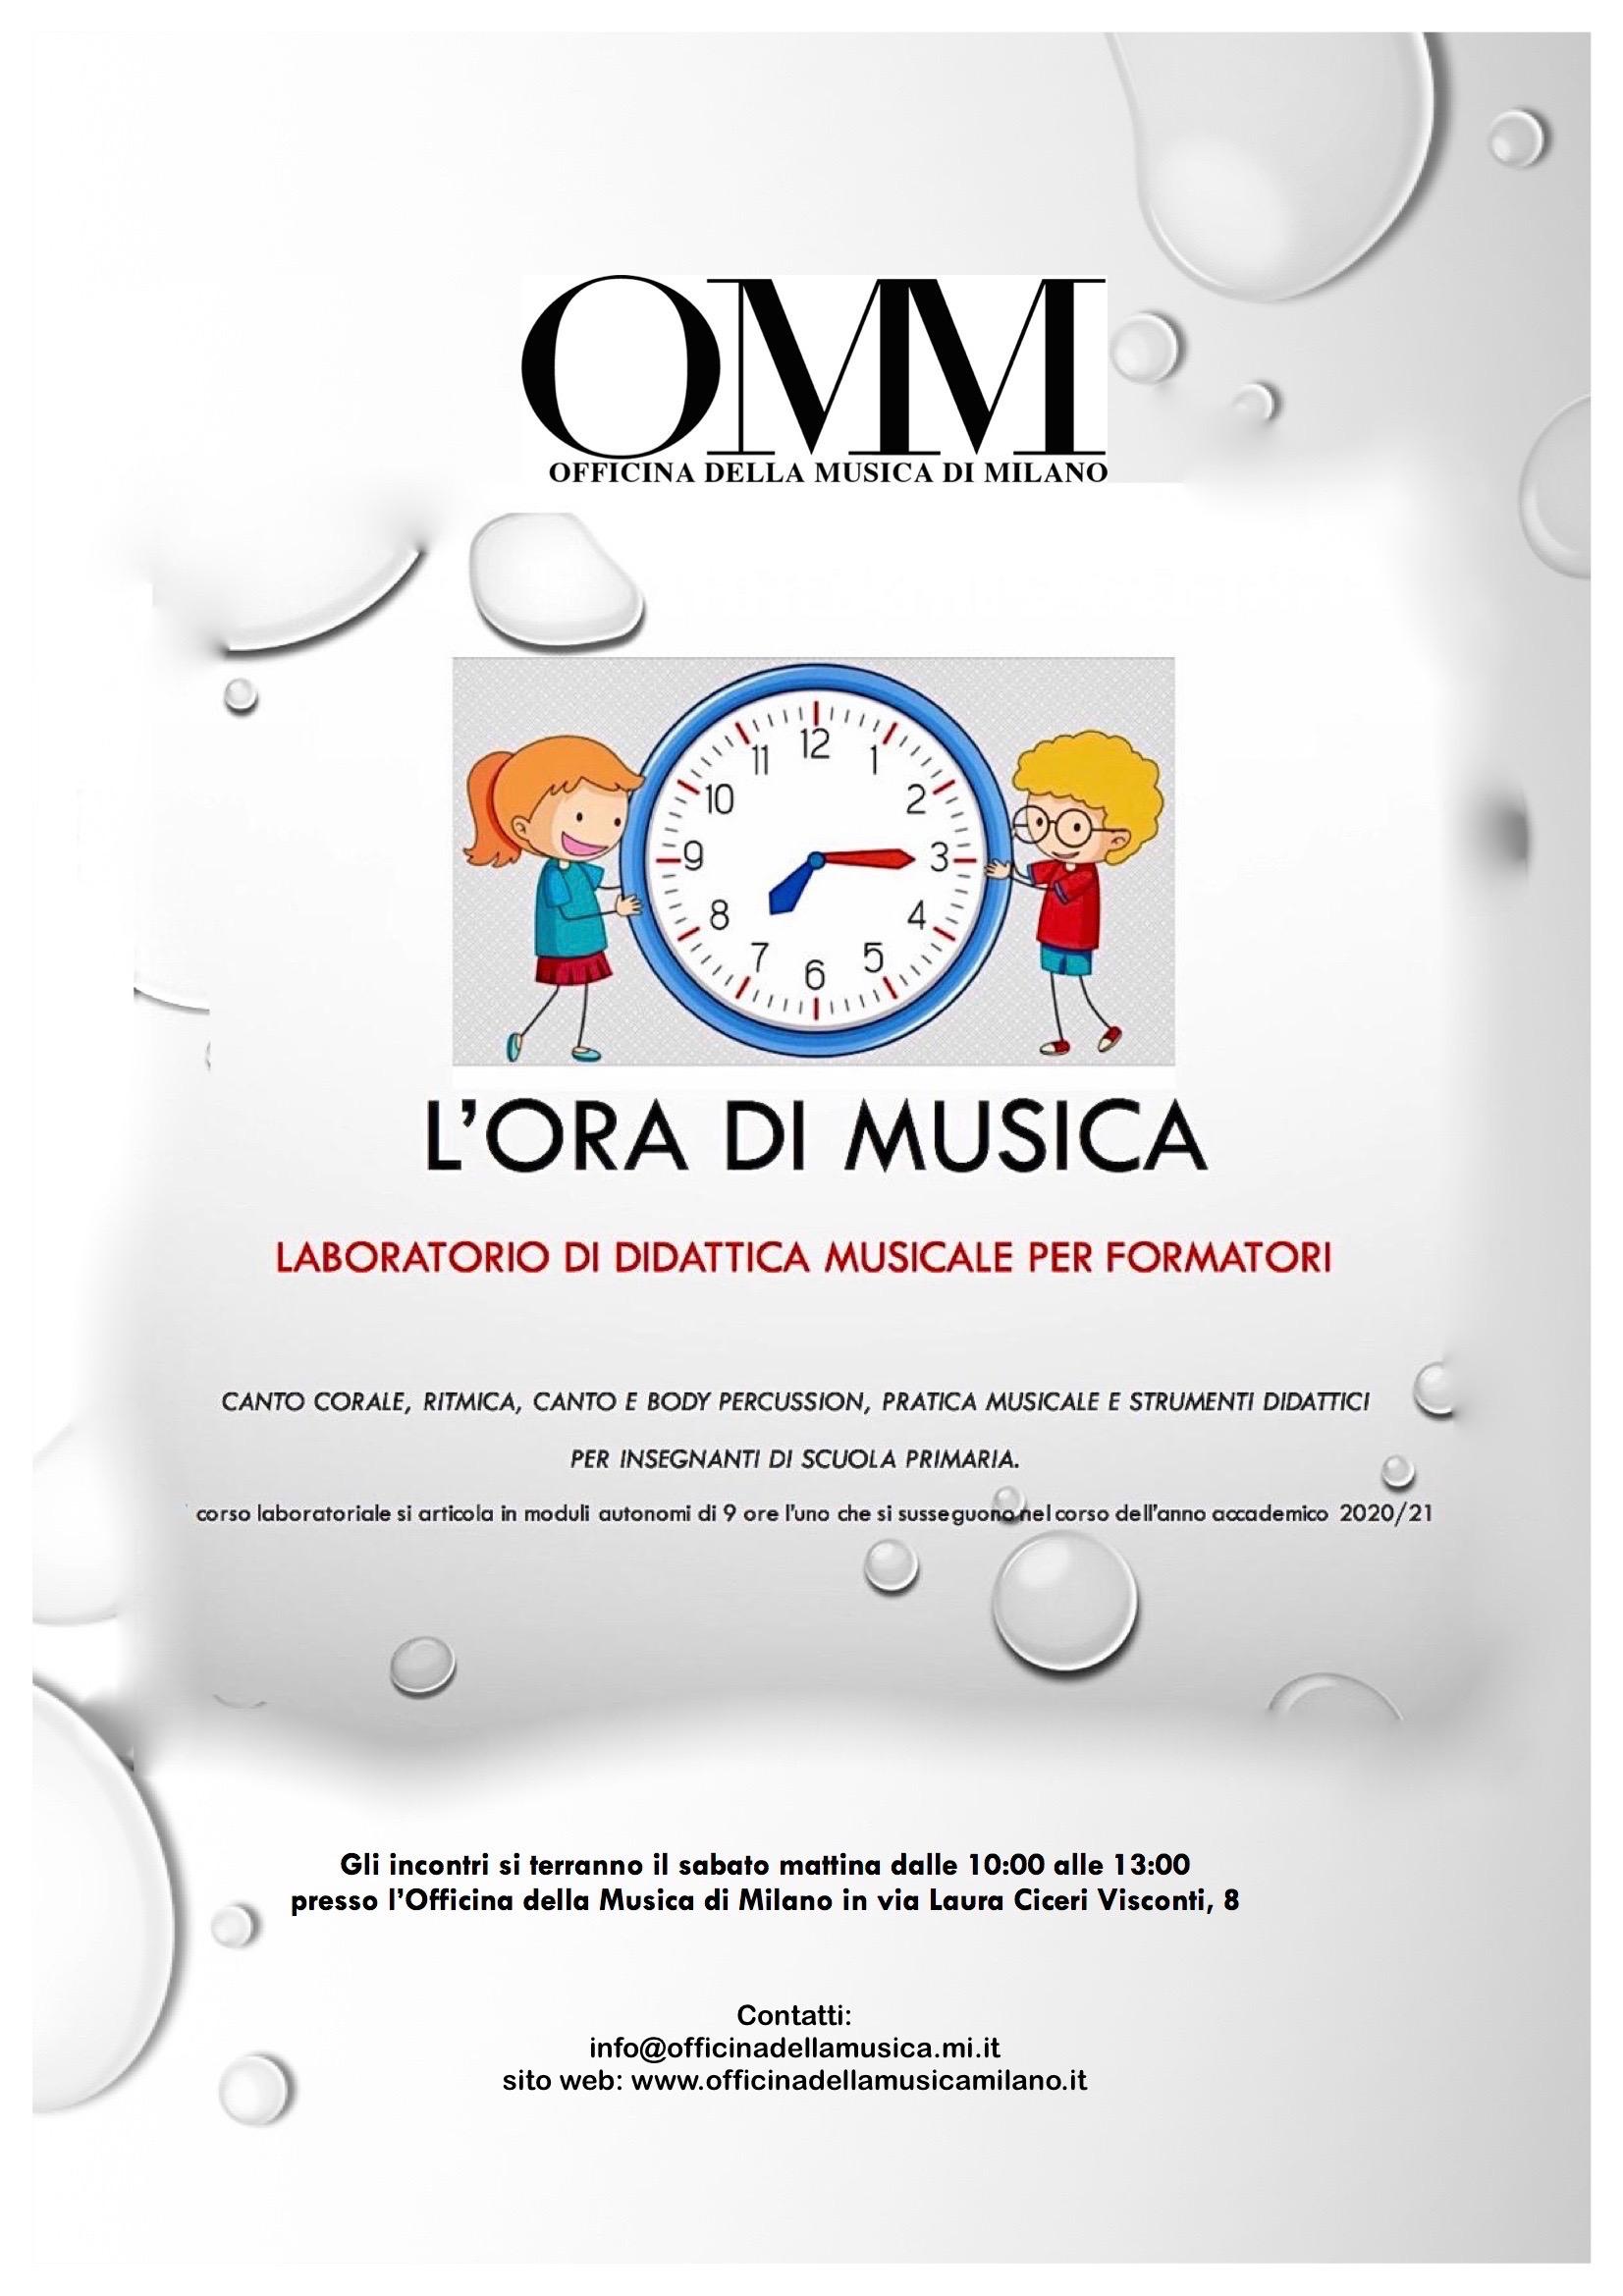 L'ora di musica. Laboratorio di Didattica musicale per formatori